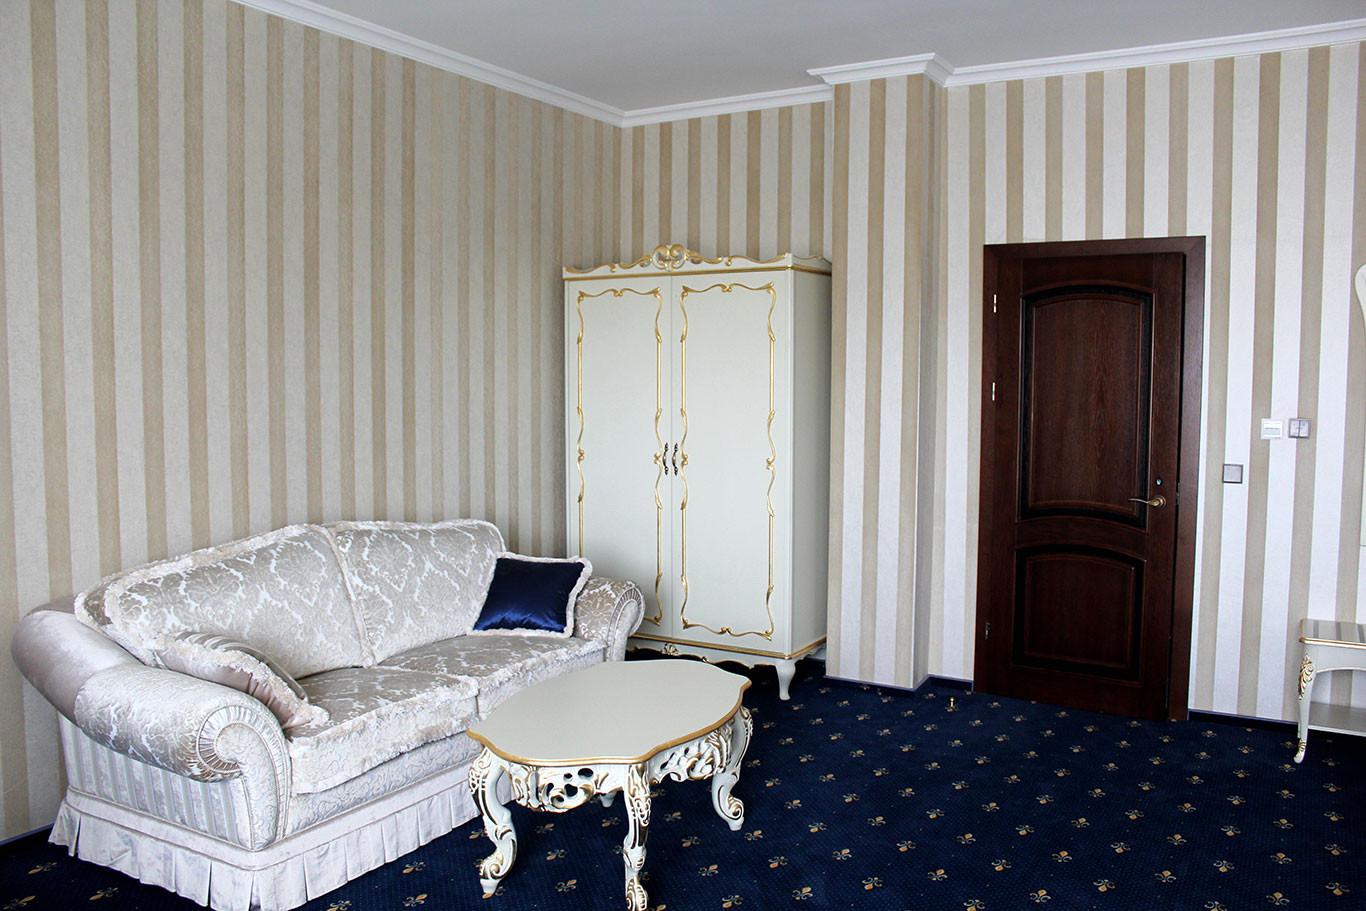 hotel-camelot-08.jpg